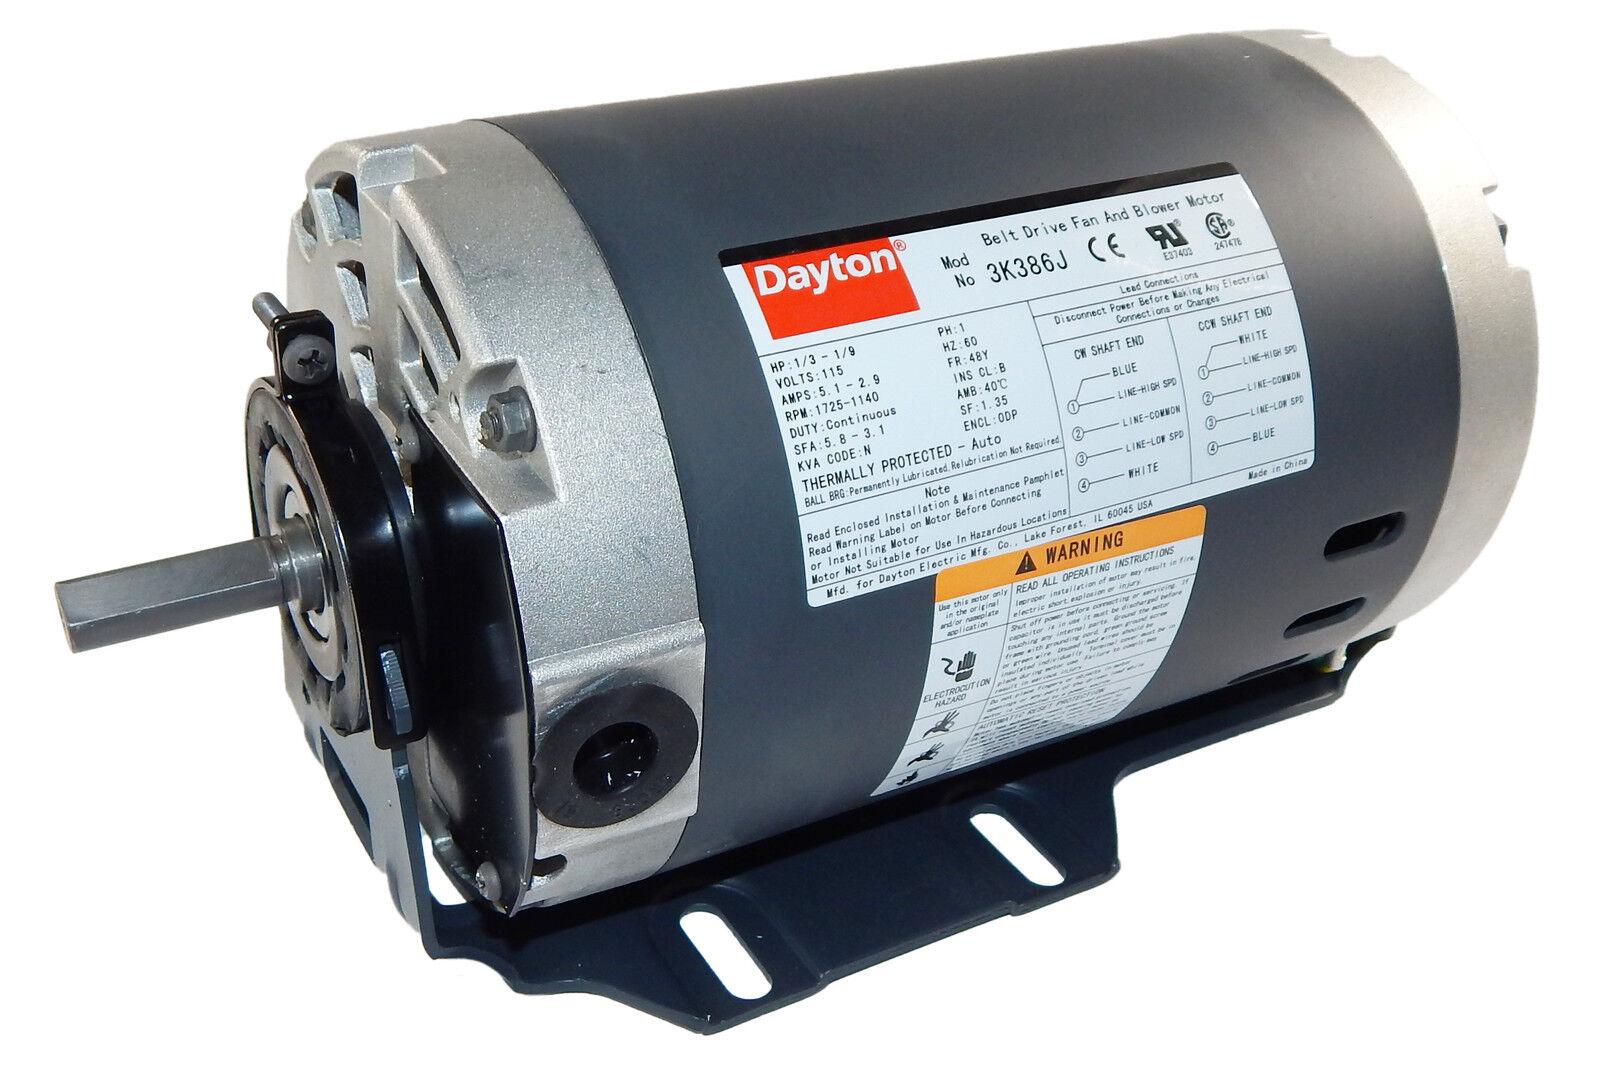 Dayton Motor 3k386 Wiring Diagram - WIRE Center •